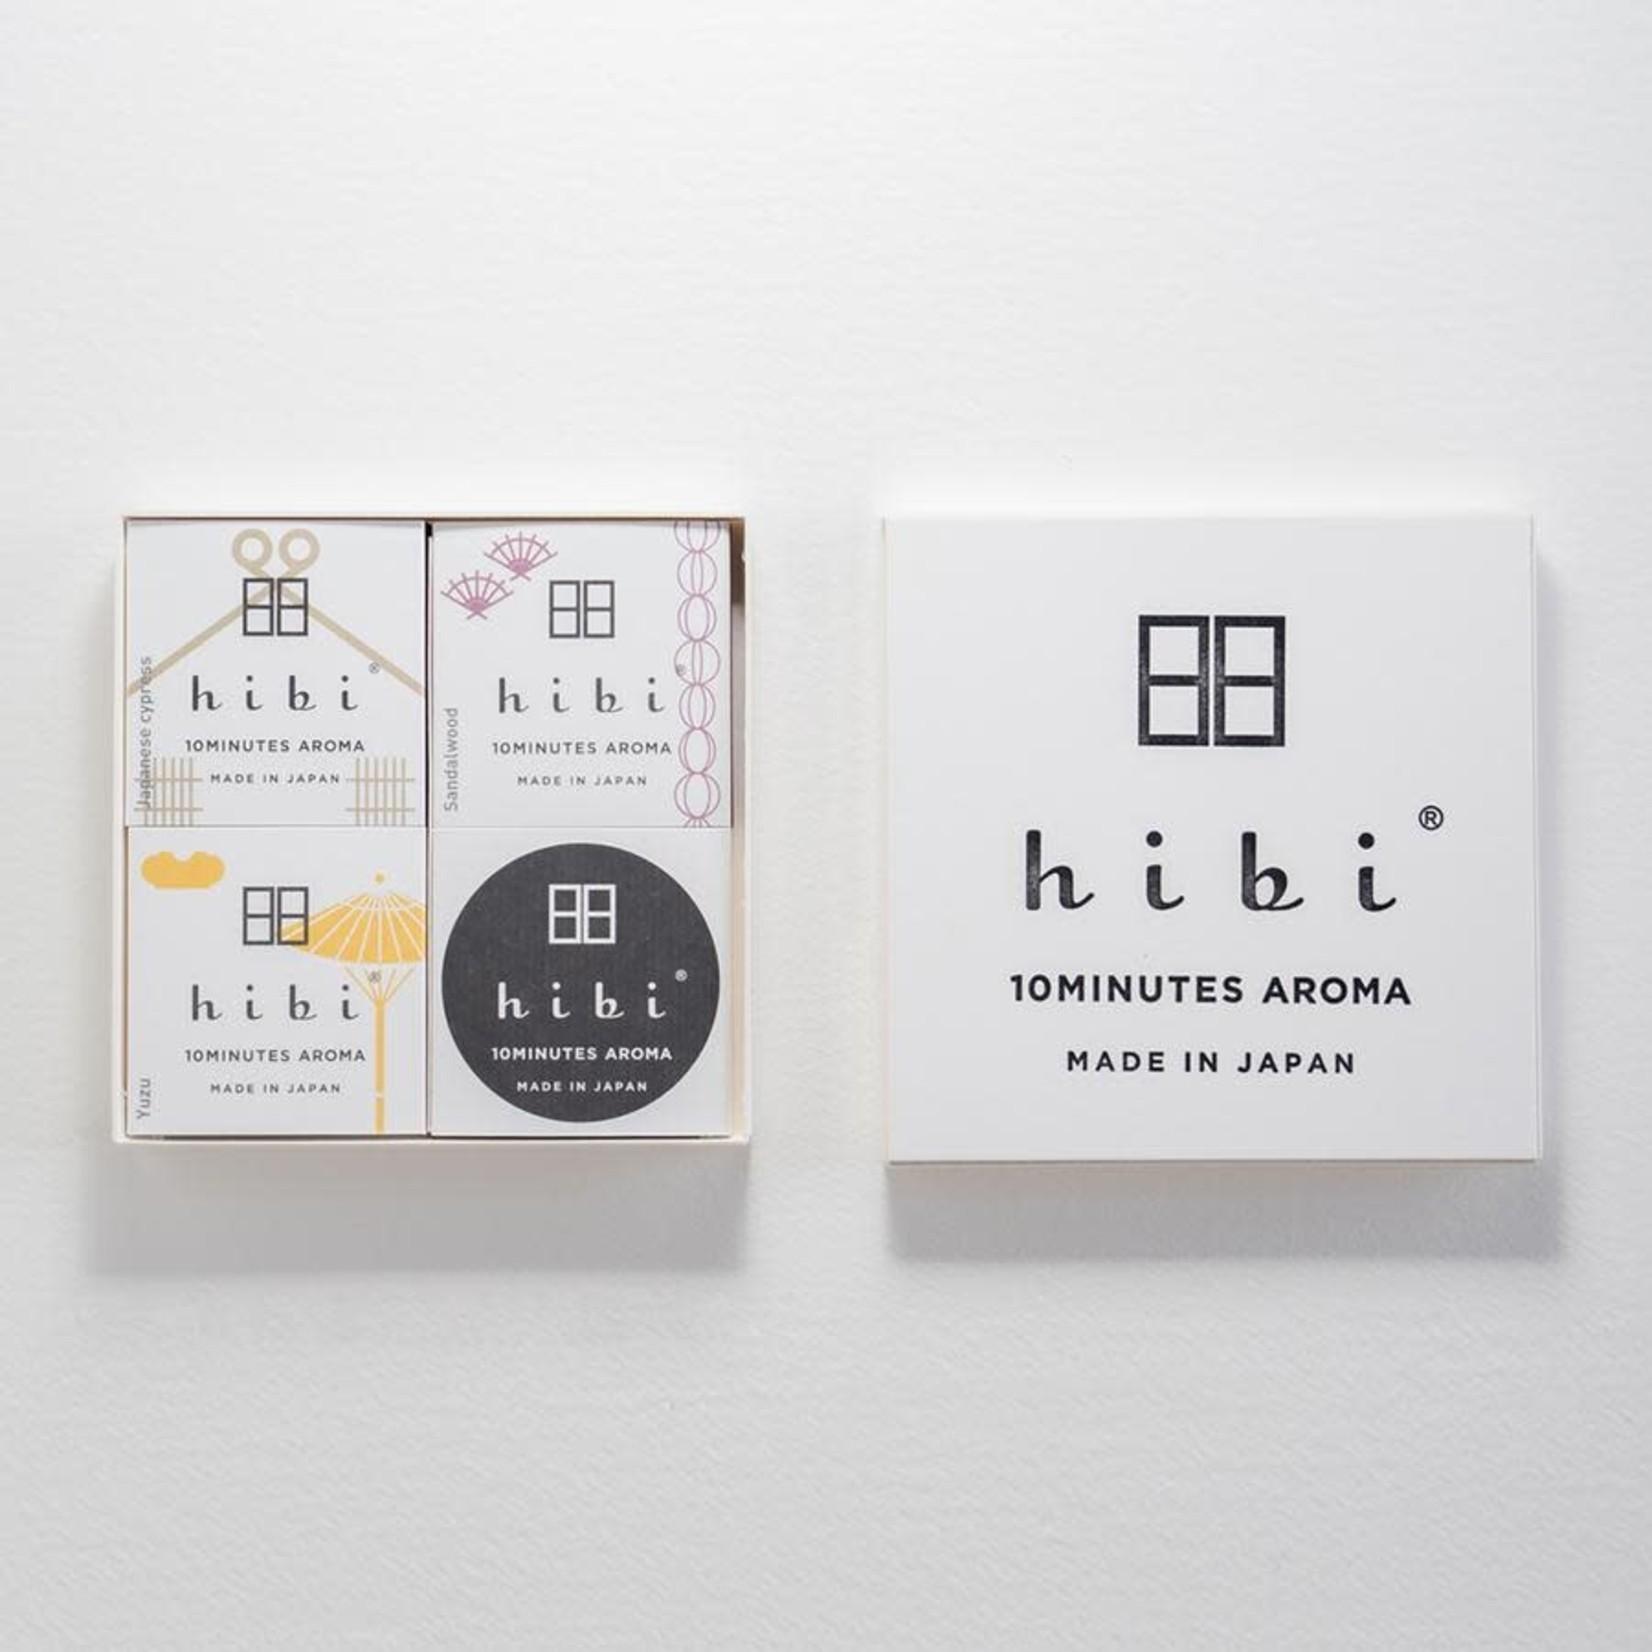 Hibi Hibi Gift Box 3 Assorted Fragrances Yuzu, Japanese Cypress, & Sandalwood